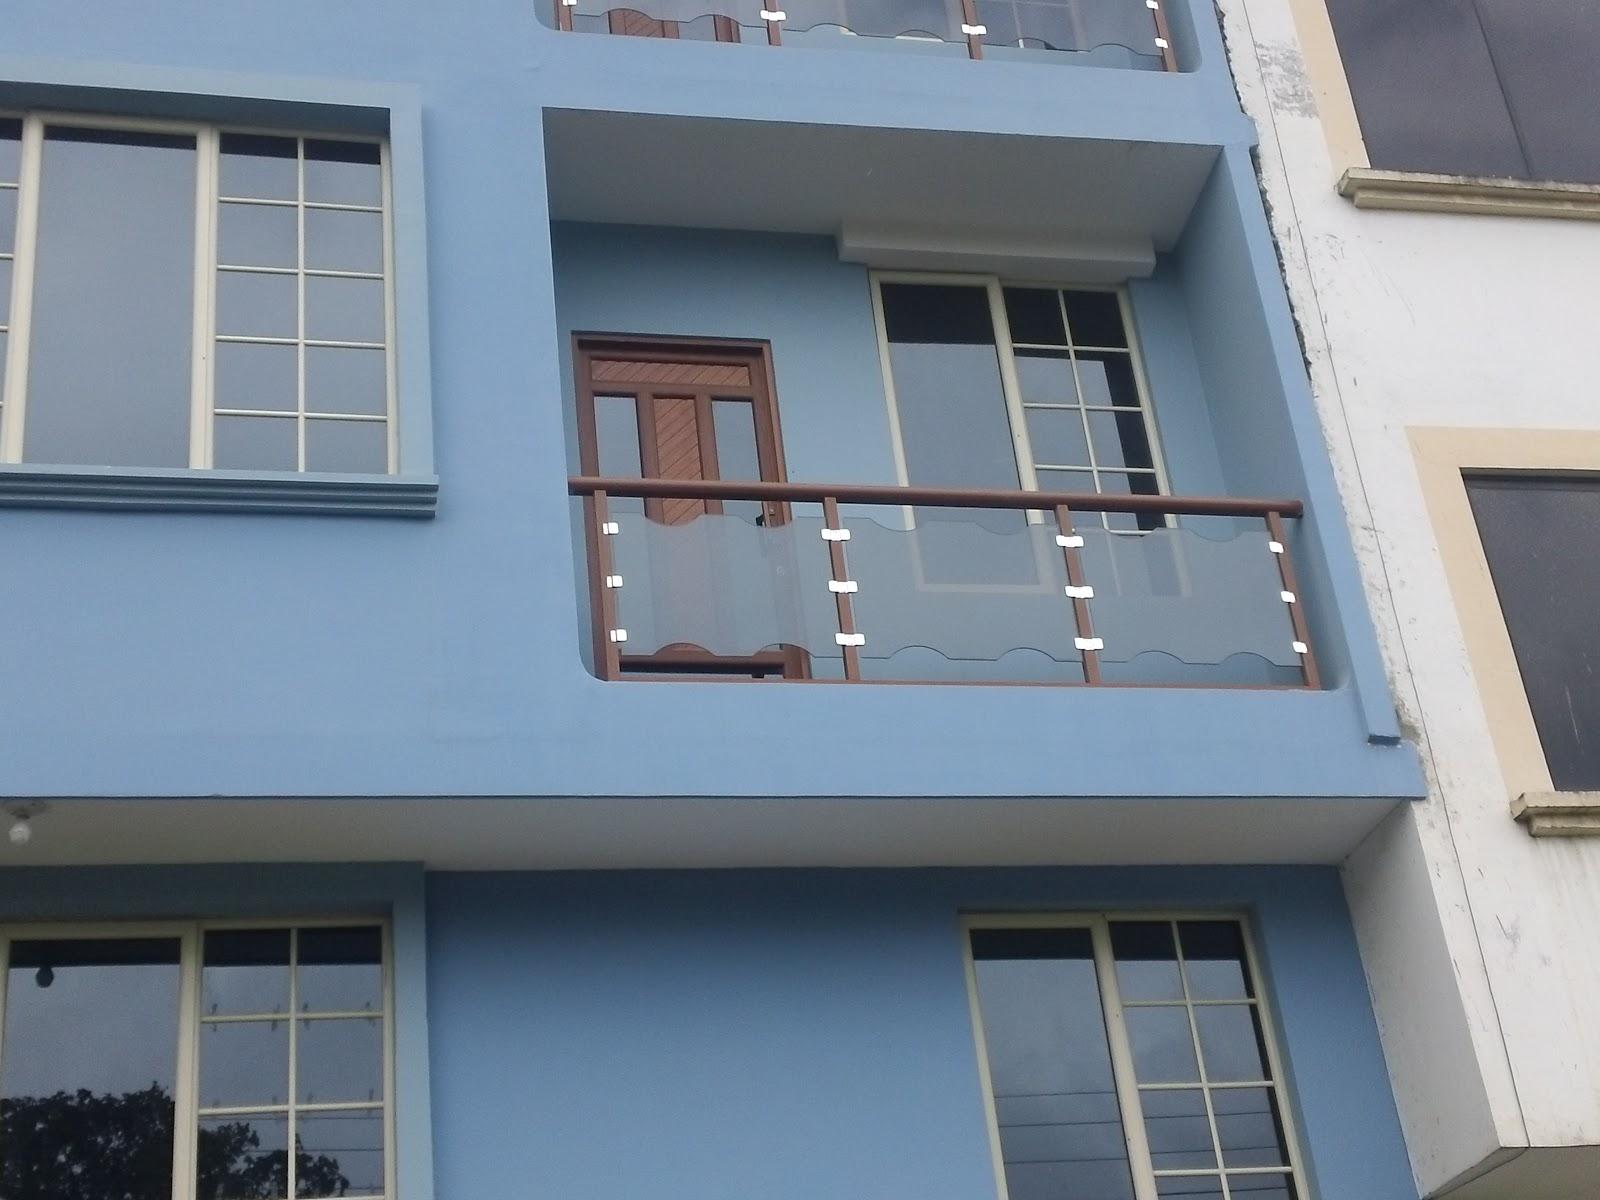 Good glass modelos de pasamanos for Modelos de balcones modernos para casas